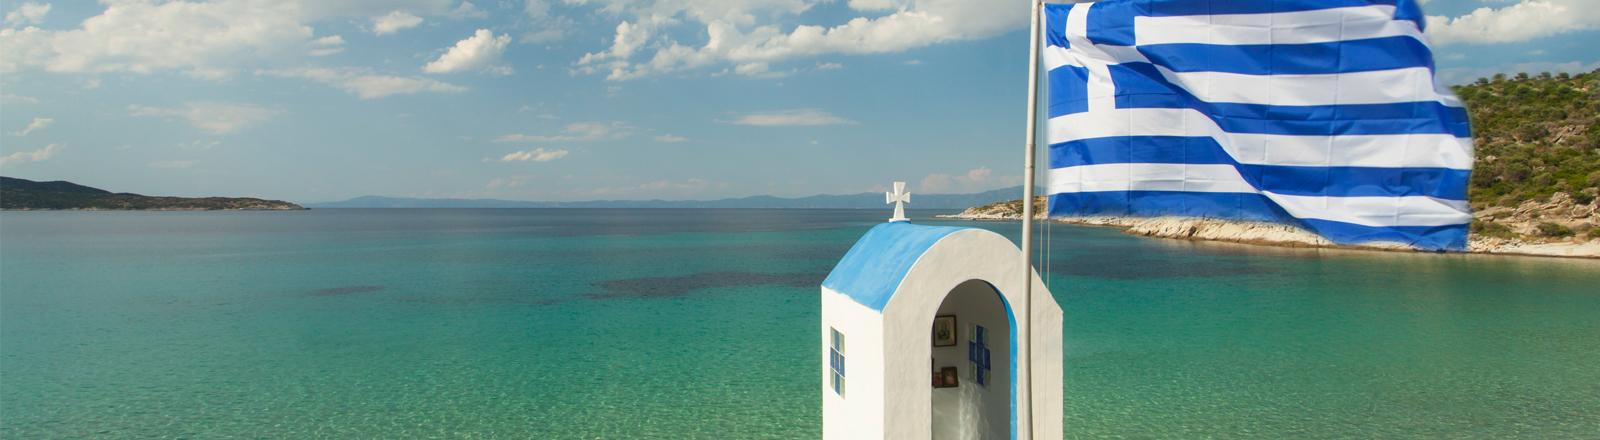 Griechenland ist das Land des Basketball.